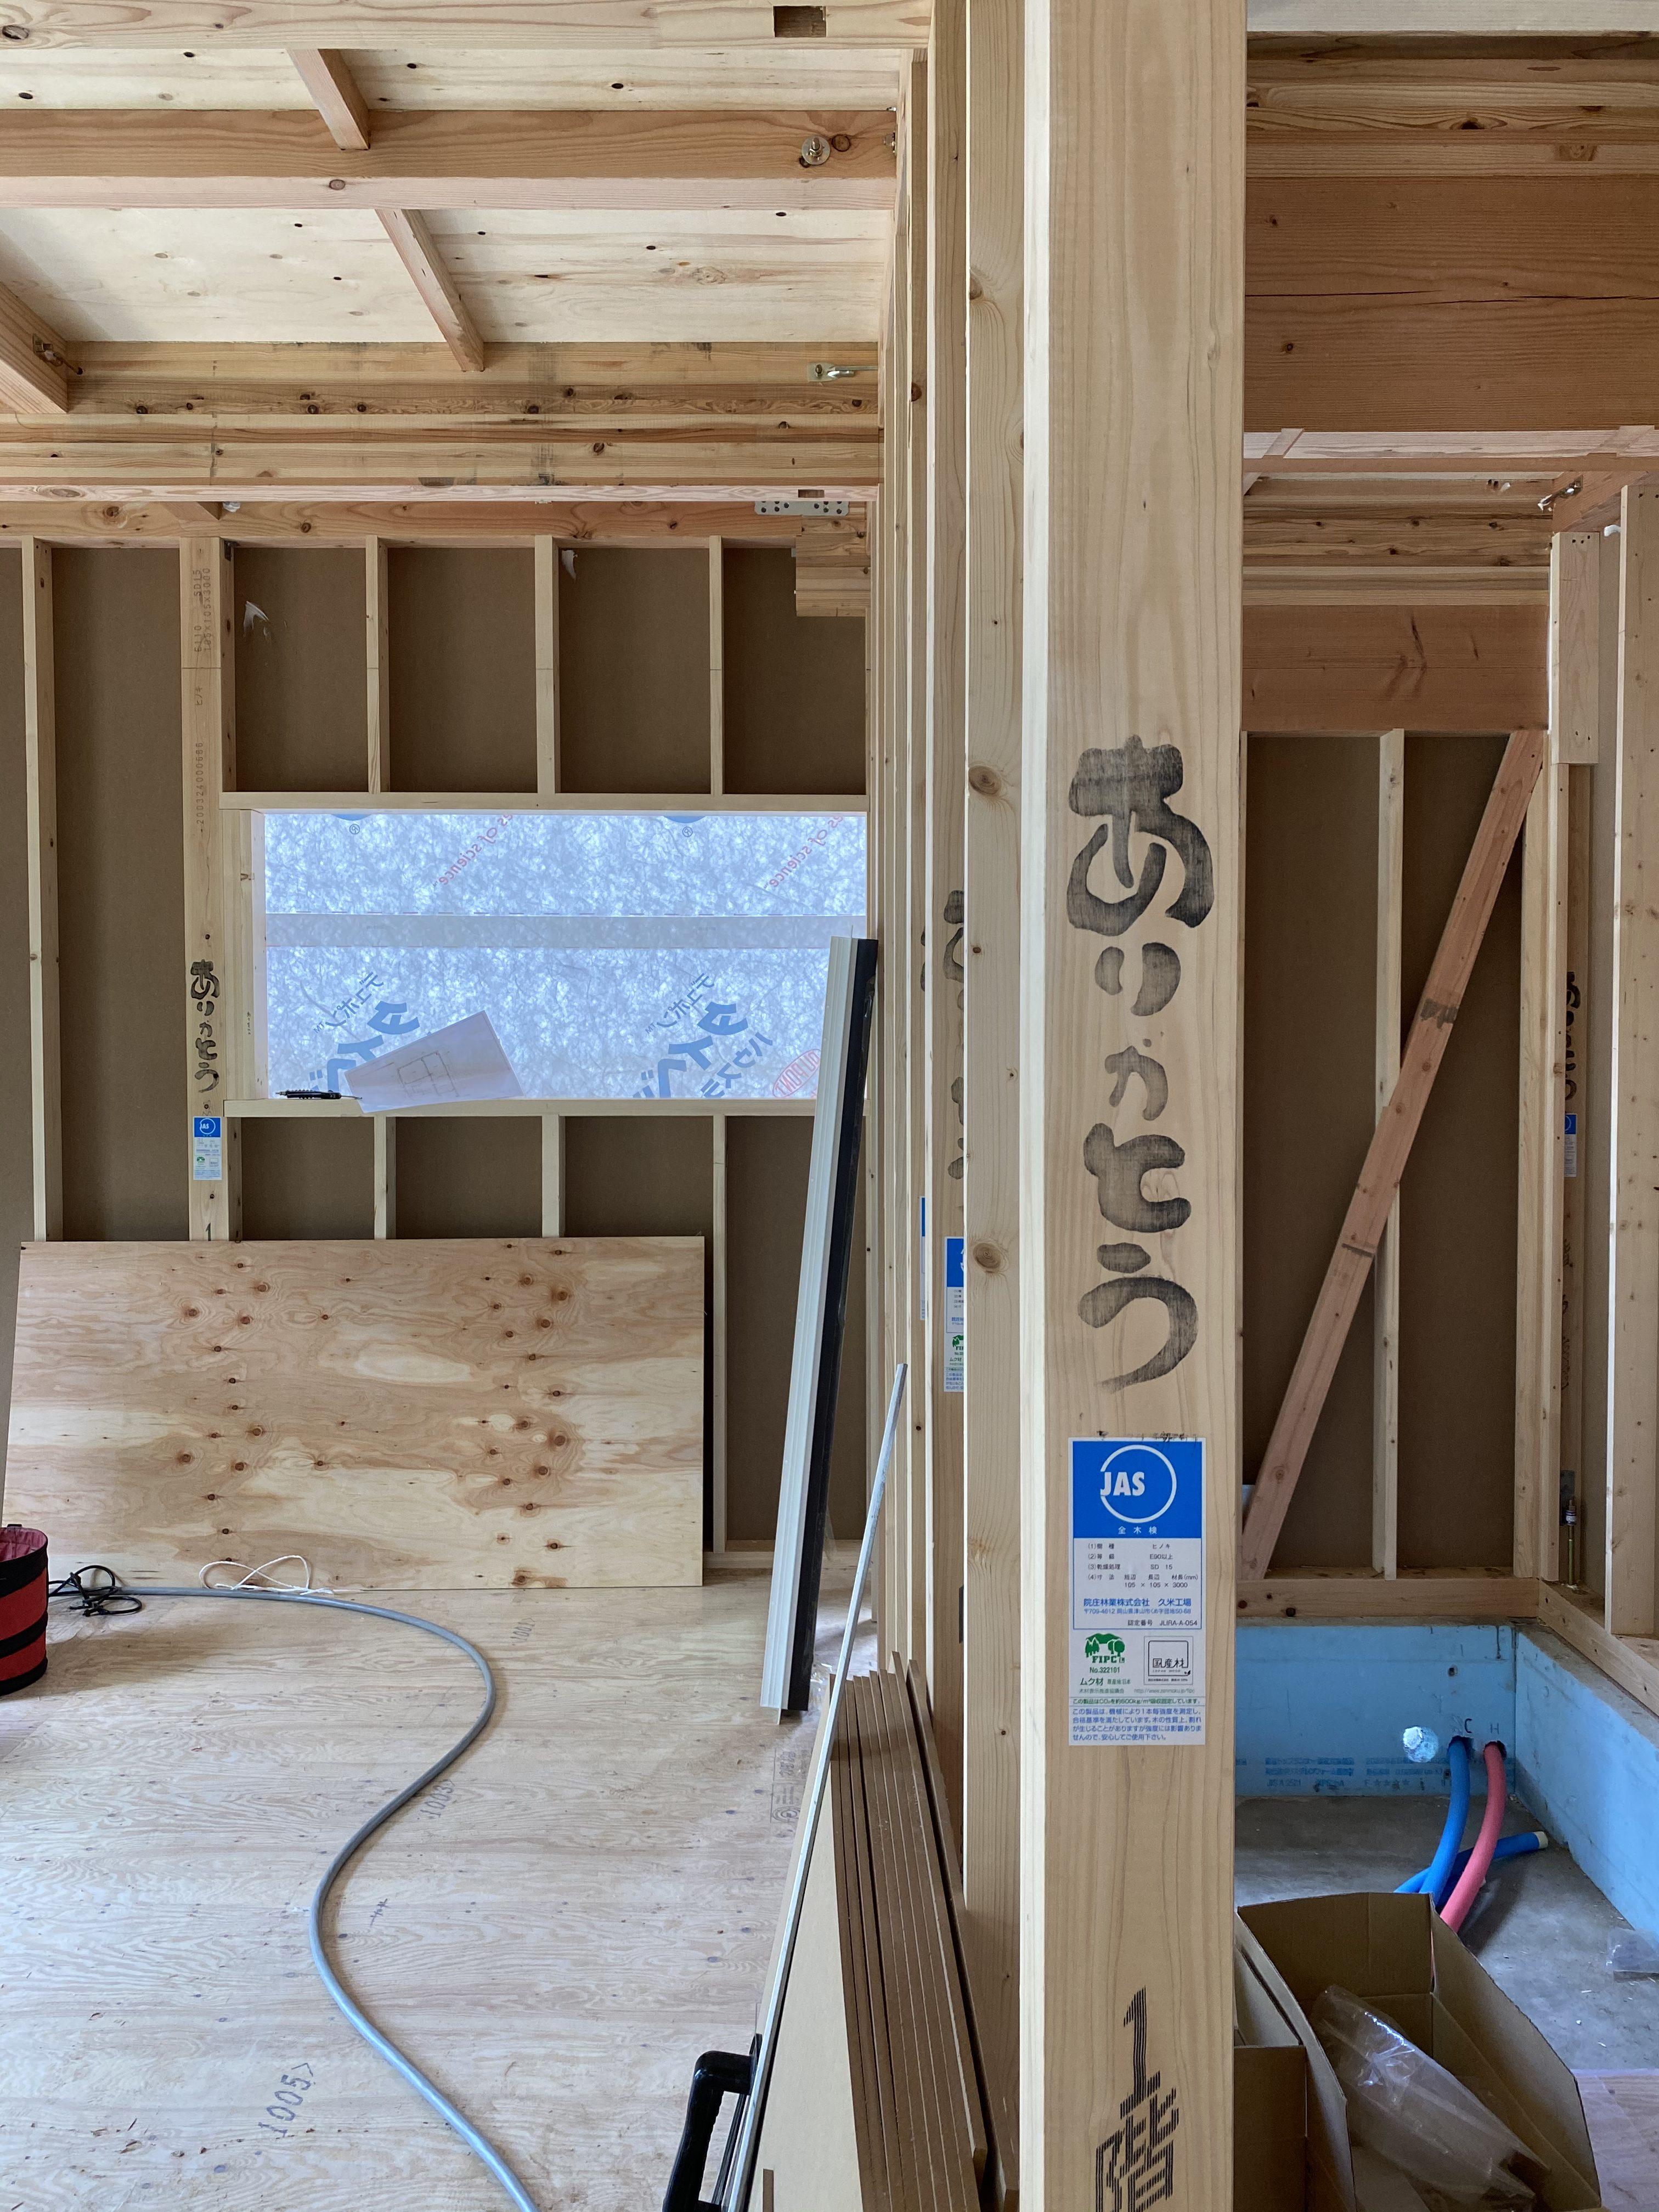 山梨県の工務店、未来建築工房とつくる注文住宅。 富士吉田市 男前なホテルライクスタイルの家、上棟後。